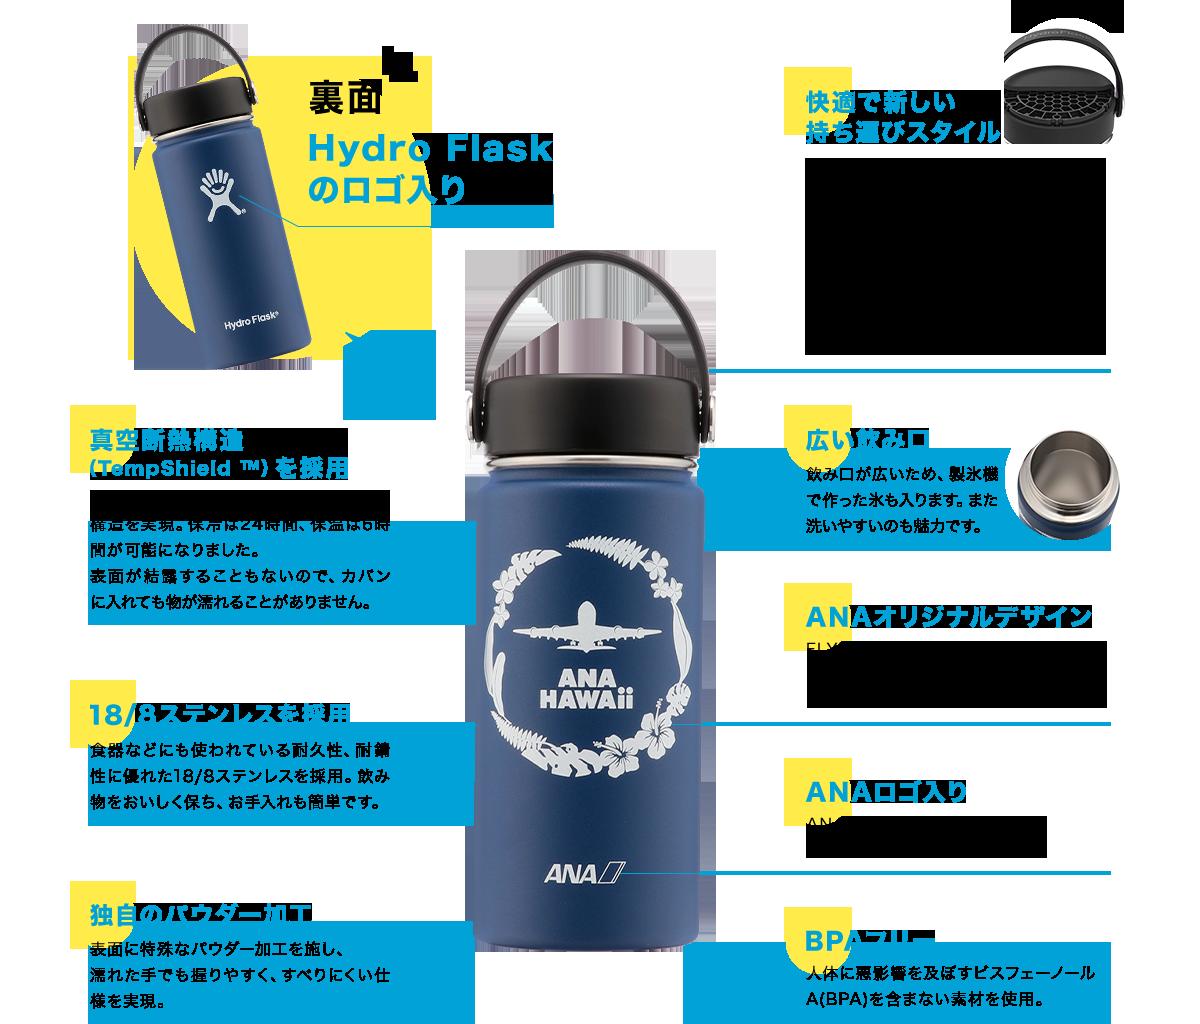 裏面 Hydro Flask のロゴ入り 真空断熱構造(TempShield ™)を採用 18/8ステンレスを採用 独自のパウダー加工 快適で新しい持ち運びスタイル 広い飲み口 ANAオリジナルデザイン ANAロゴ入り BPAフリー